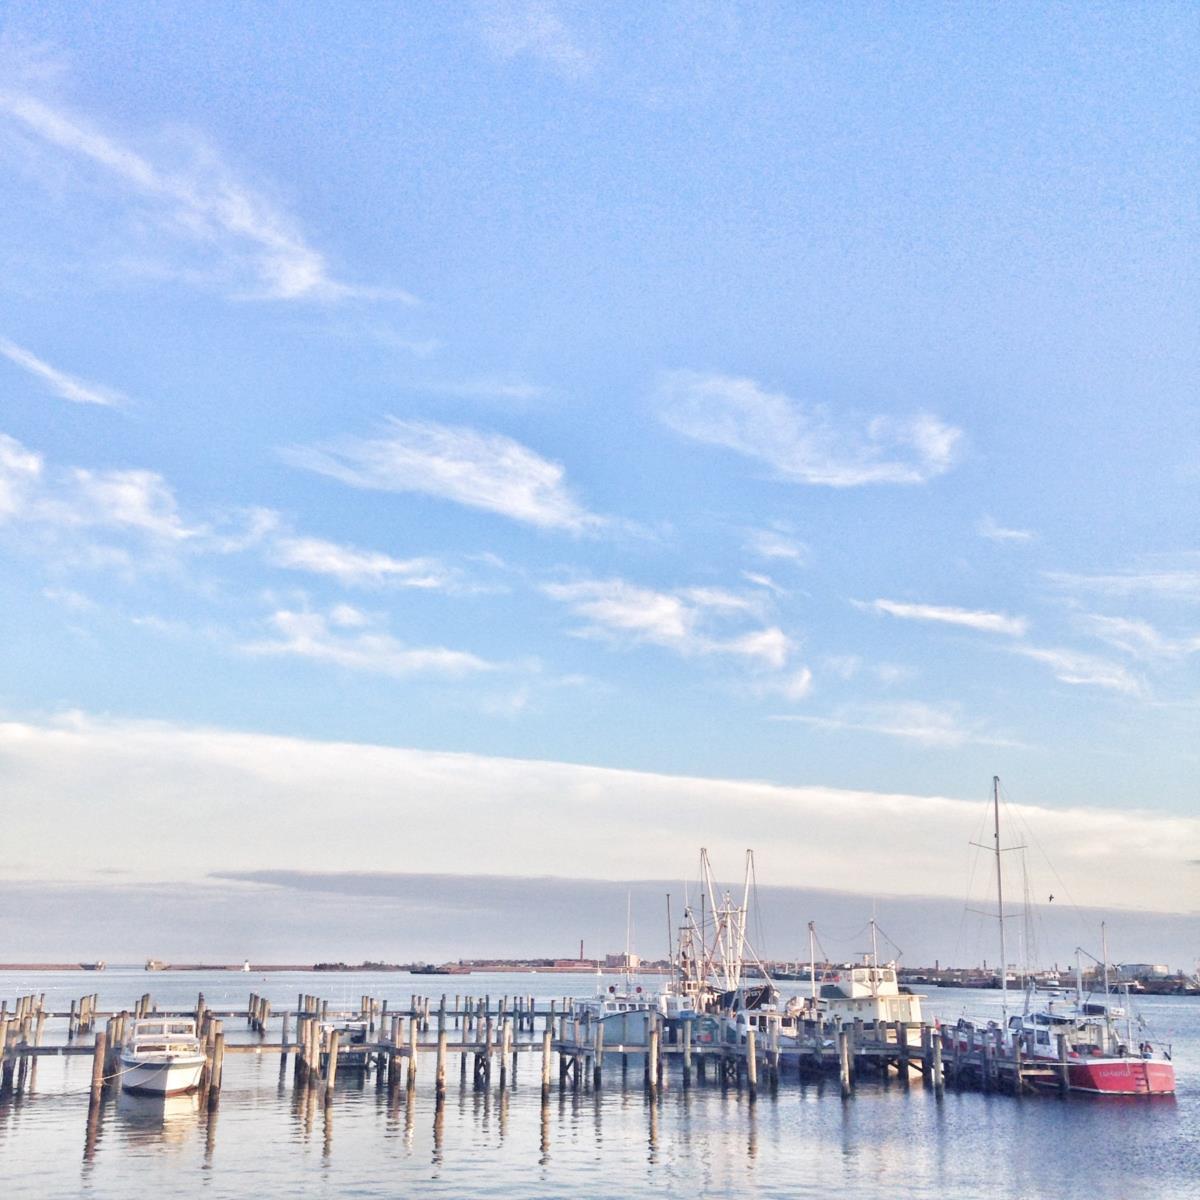 A cidade conheceu outrora enorme pujança económica, fruto da actividade da pesca, sobretudo a da baleia